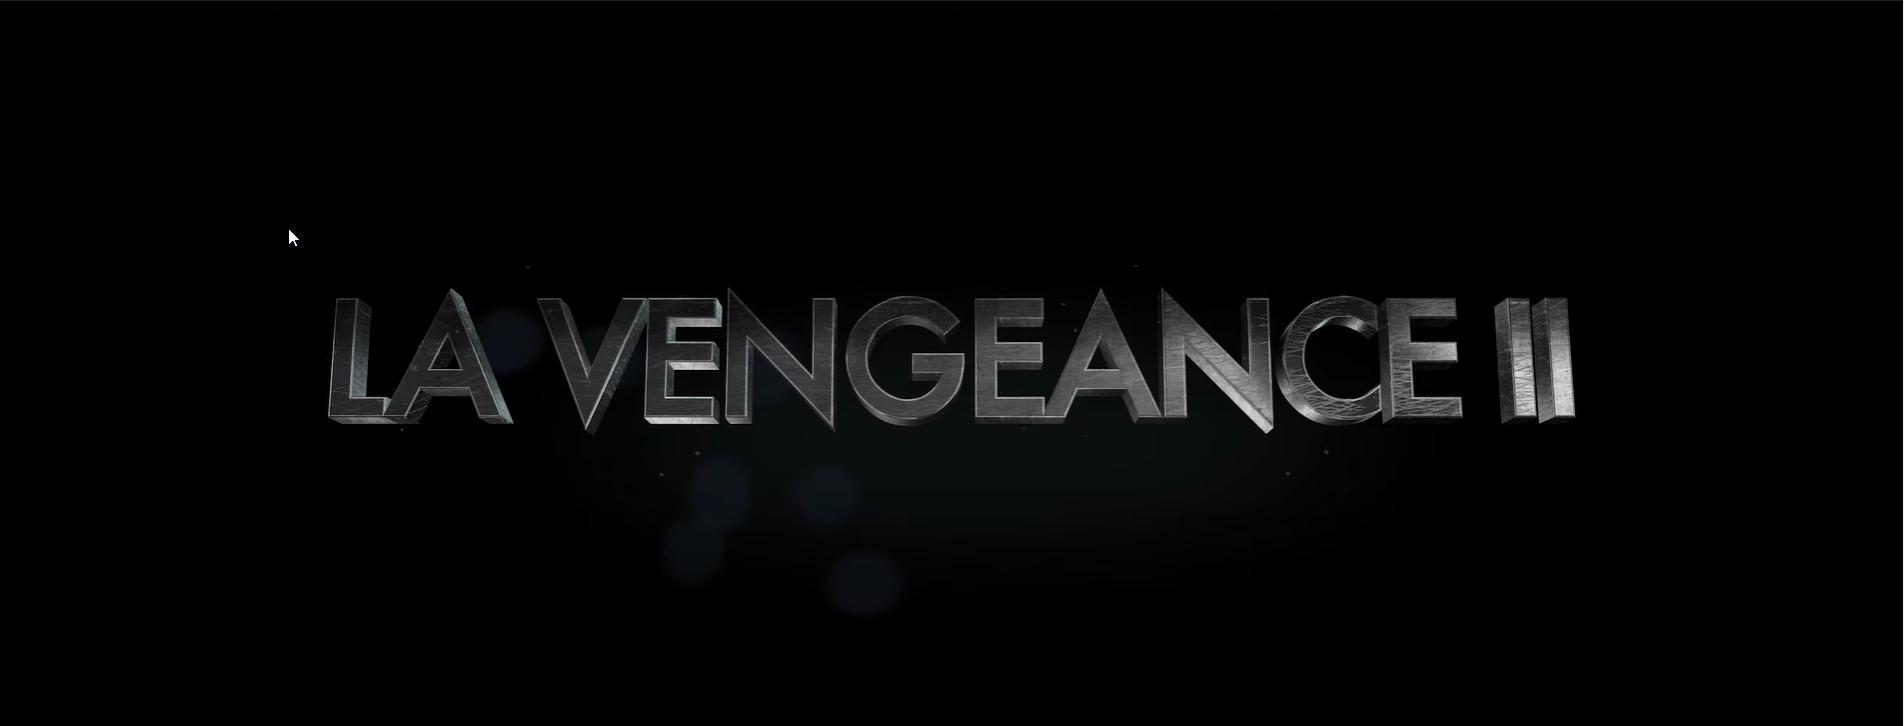 La Vengaence II - Film (2020)